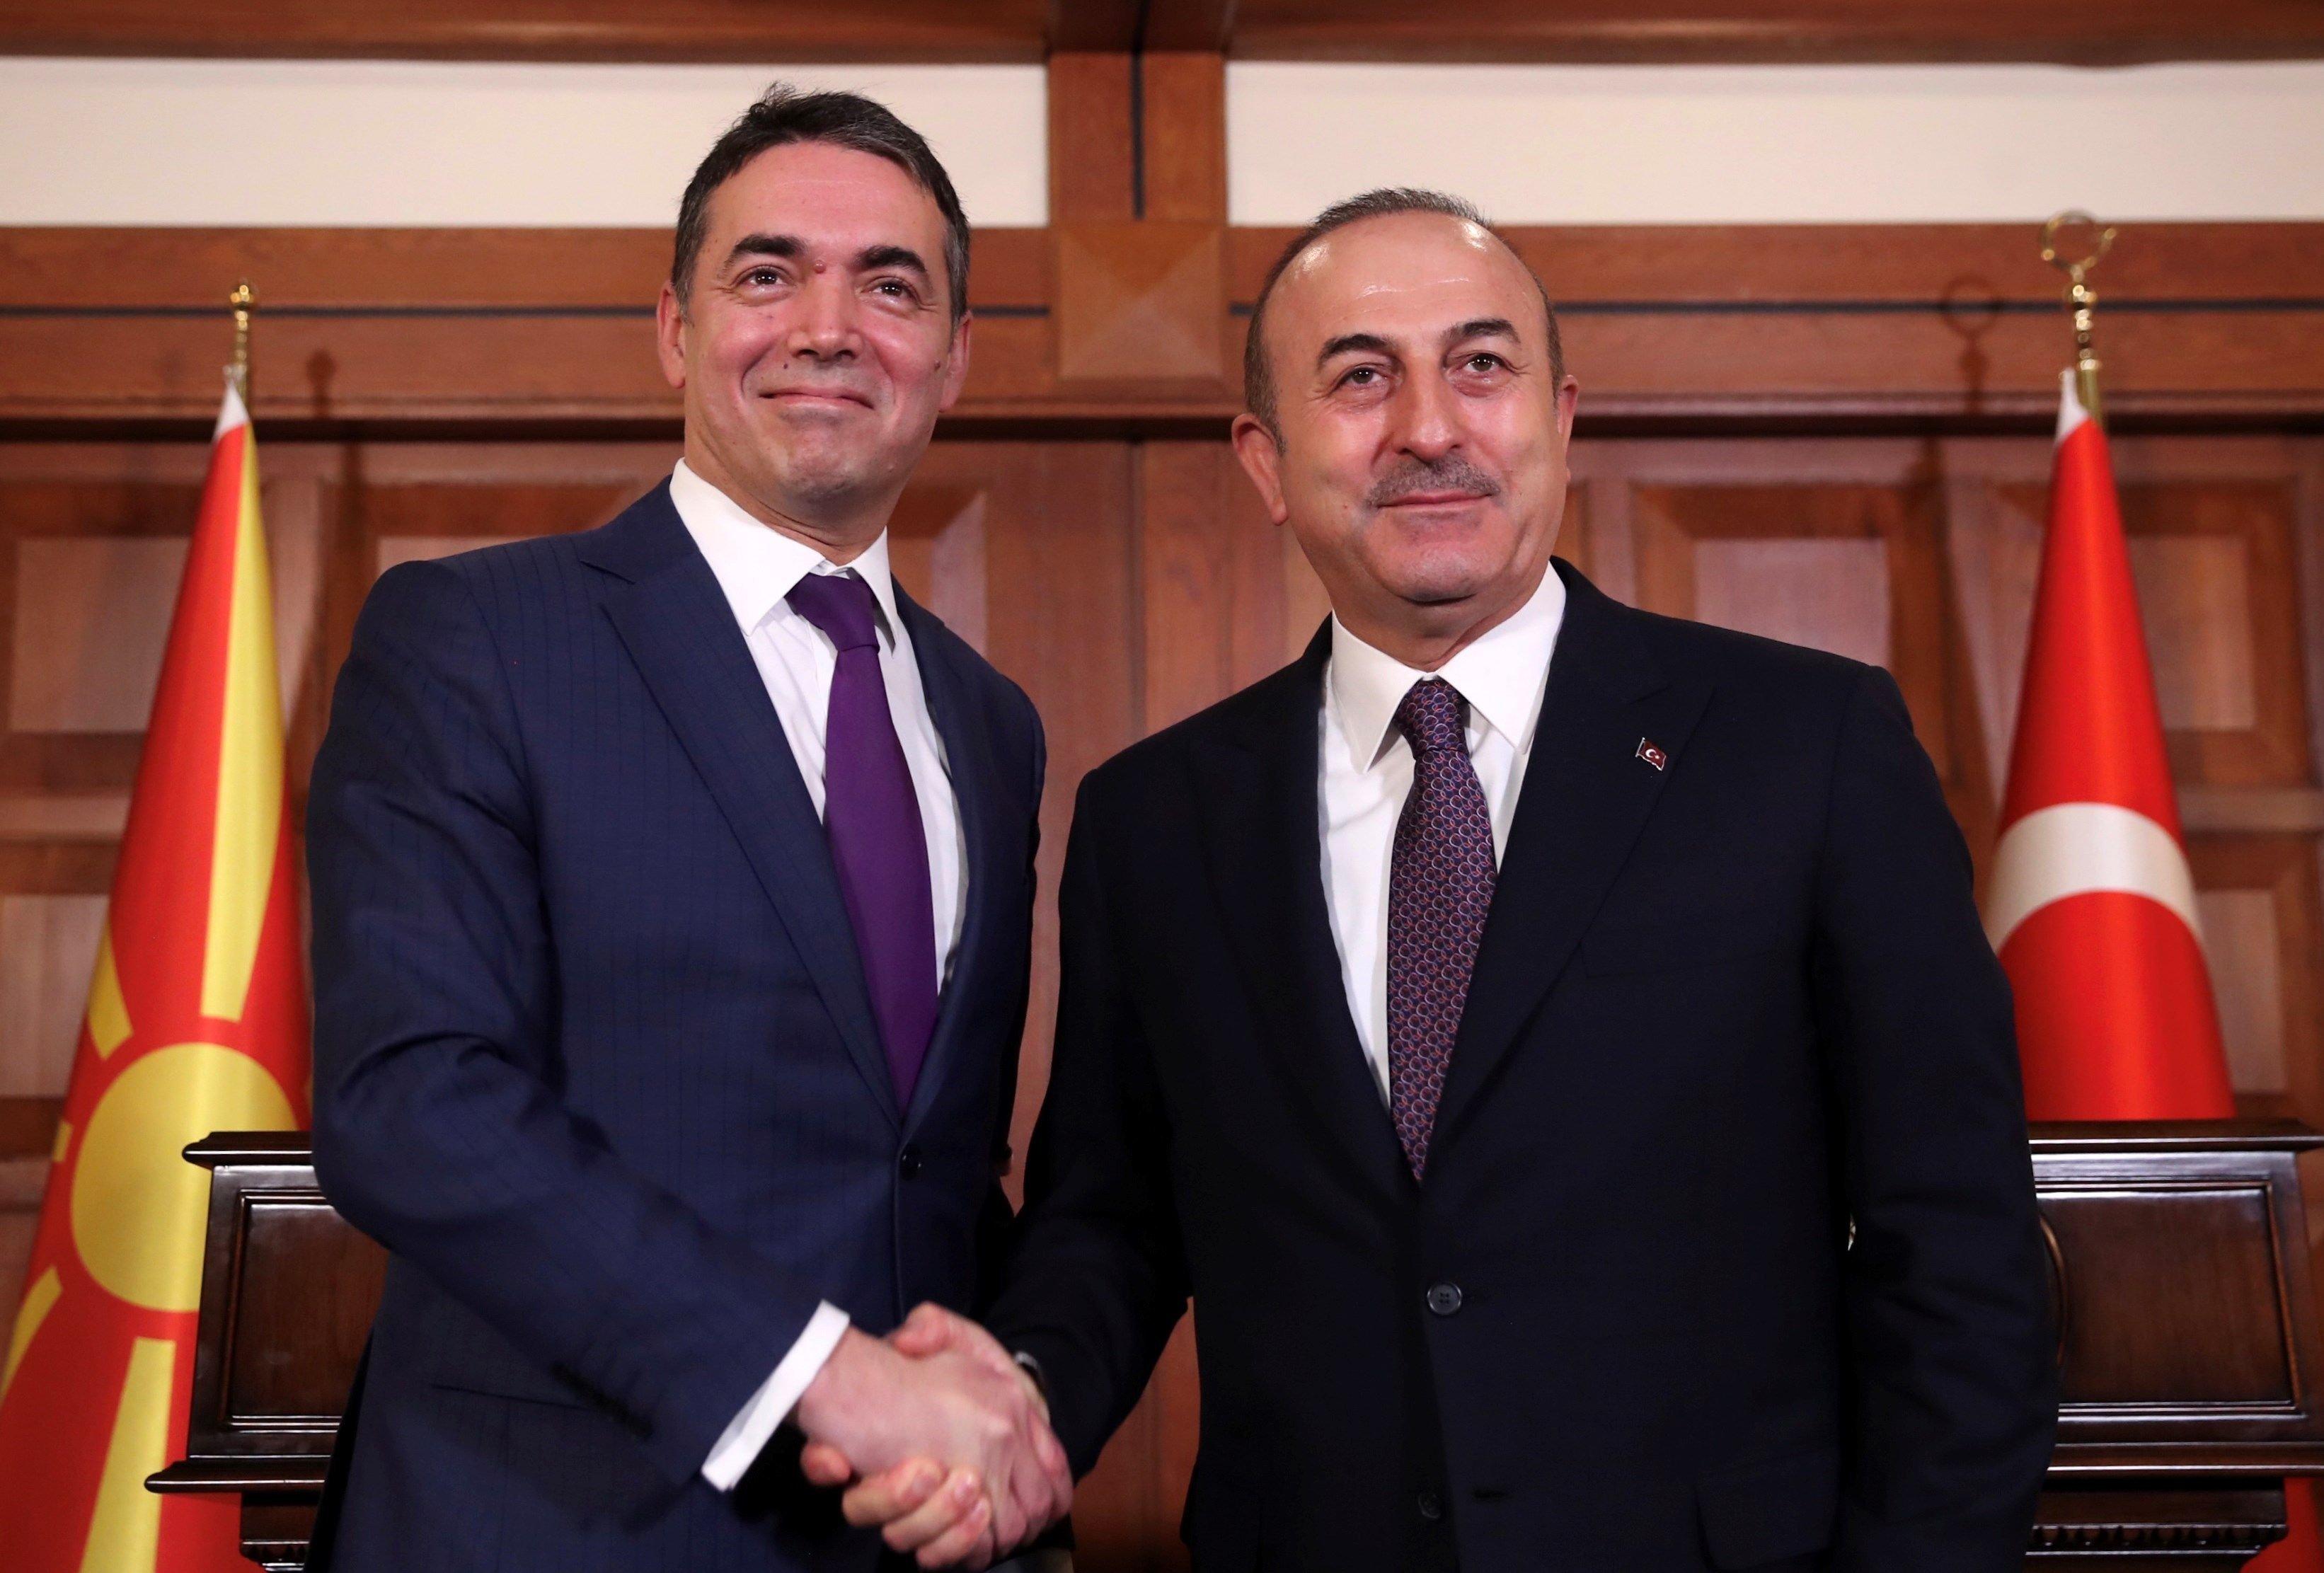 Τσαβούσογλου: Aναγνωρίζουμε τη «Mακεδονία» με το συνταγματικό της